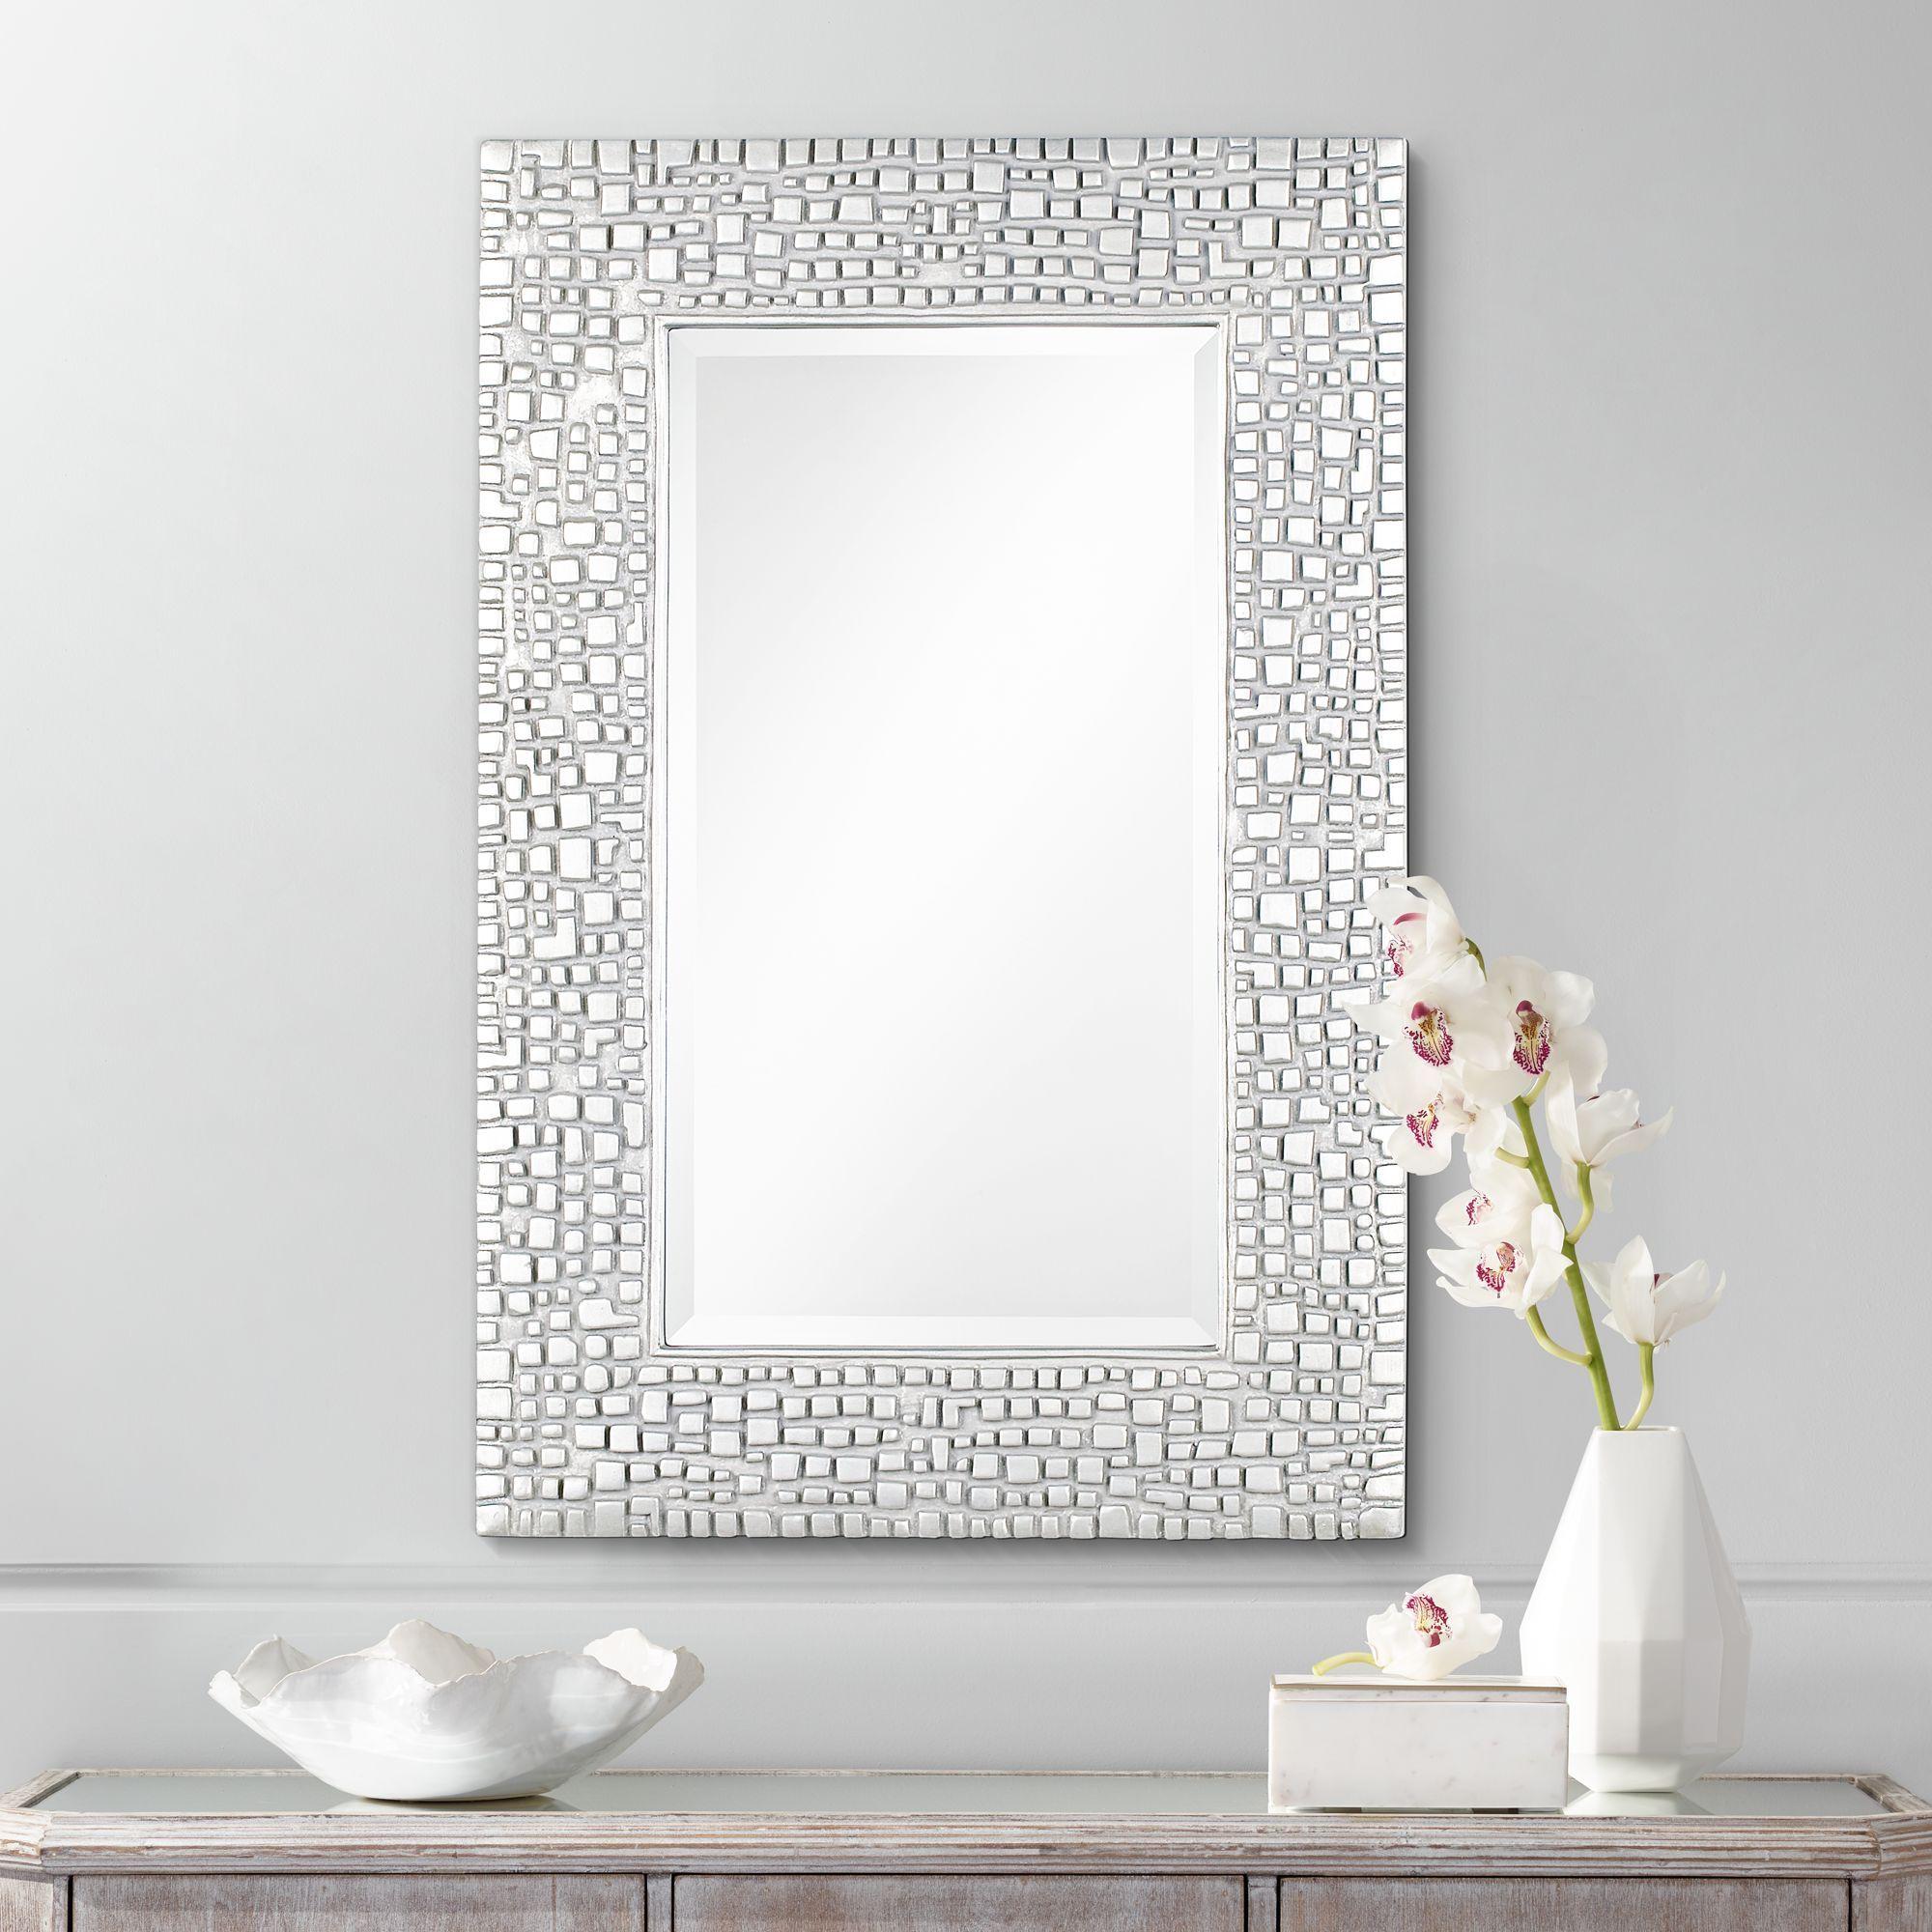 Noble Park Savla Textured Relief Silver 24 X 36 Wall Mirror Walmart Com Mirror Wall Bedroom Rustic Wall Mirrors Mirror Wall 24 by 36 mirror